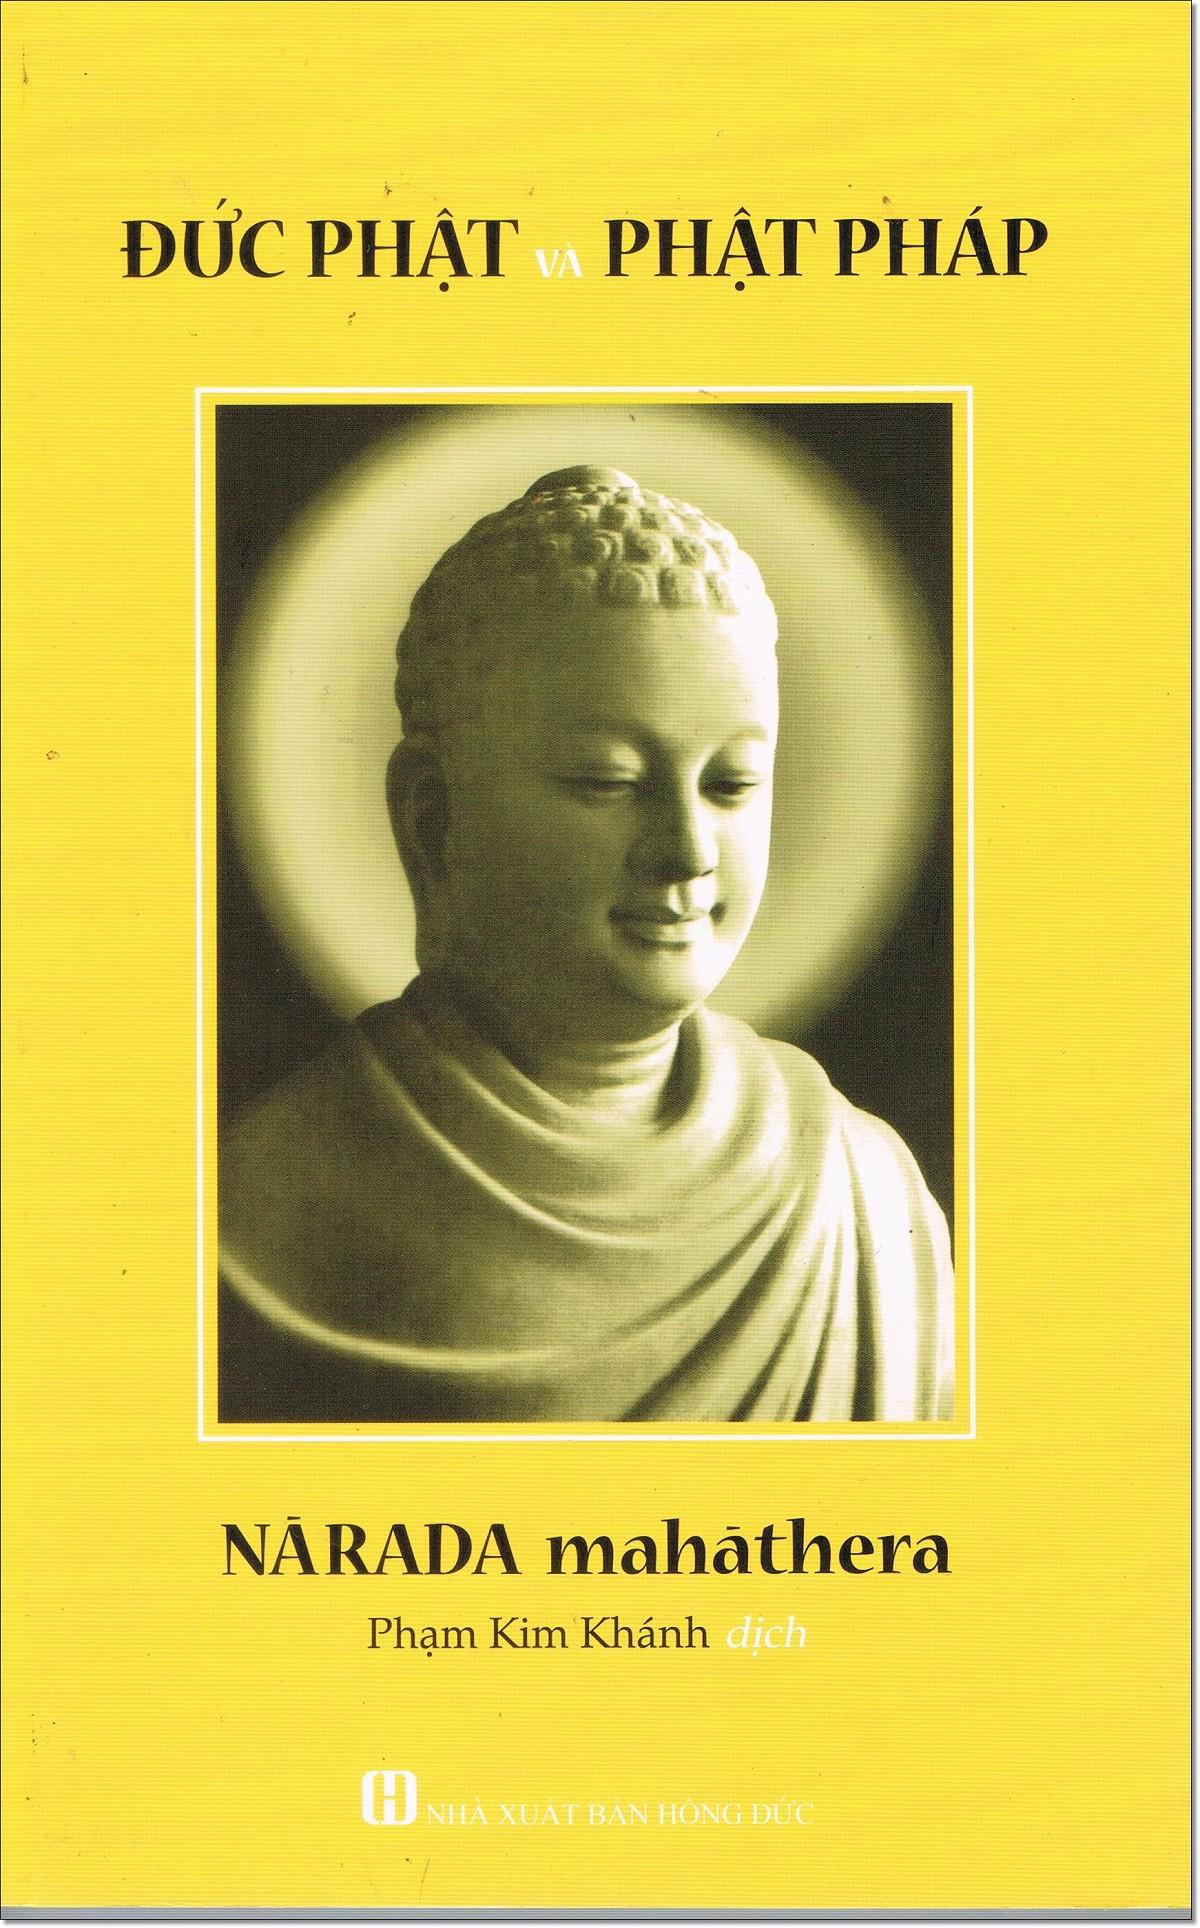 ducphatva-sachkhaitam.u4939.d20170324.t121738.159781.jpg